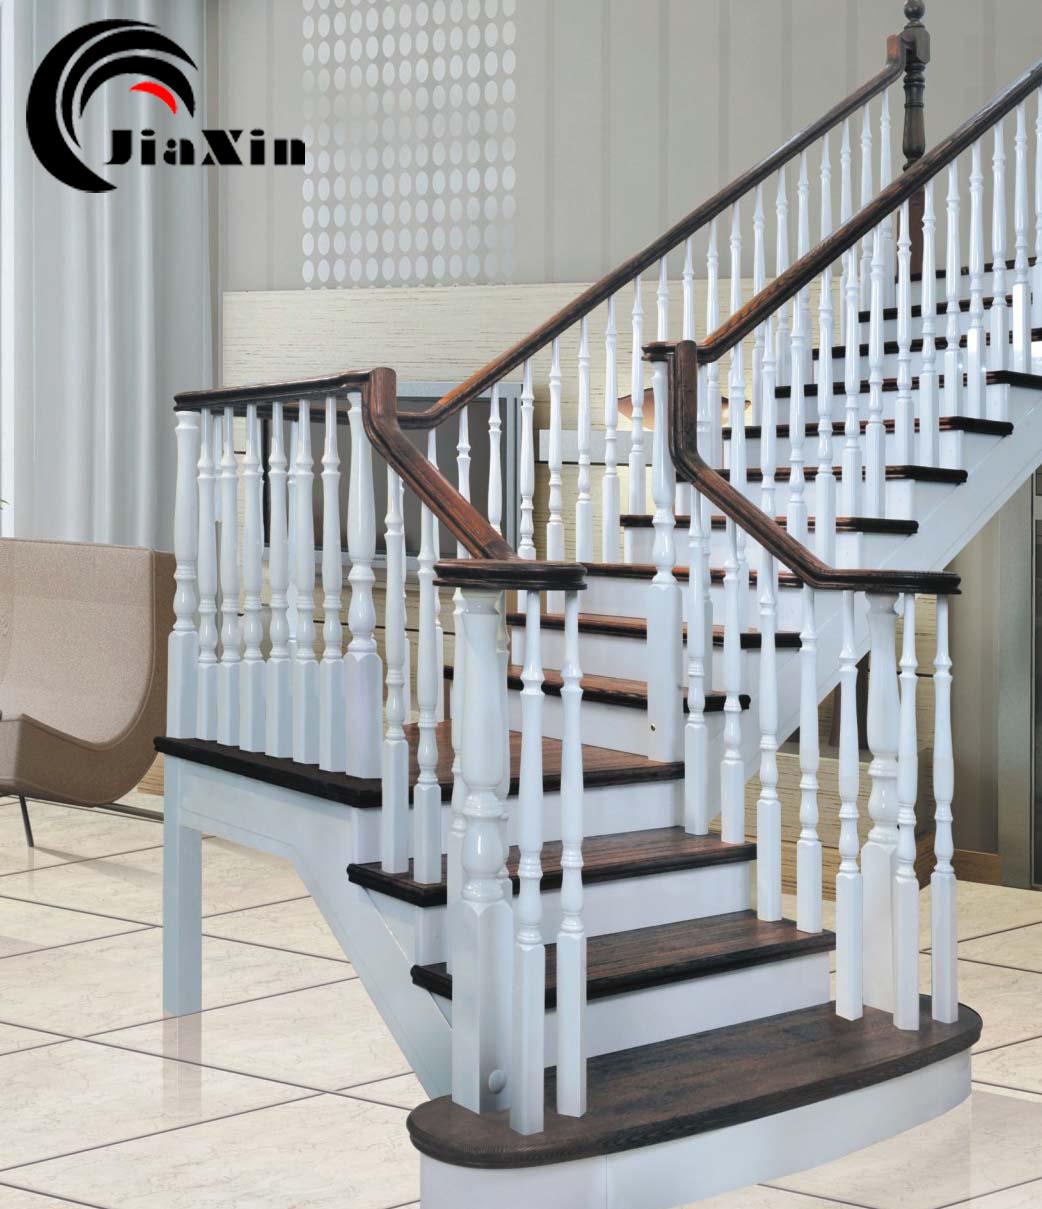 北京实木楼梯定制 别墅楼梯 复试楼梯 loft楼梯 原木